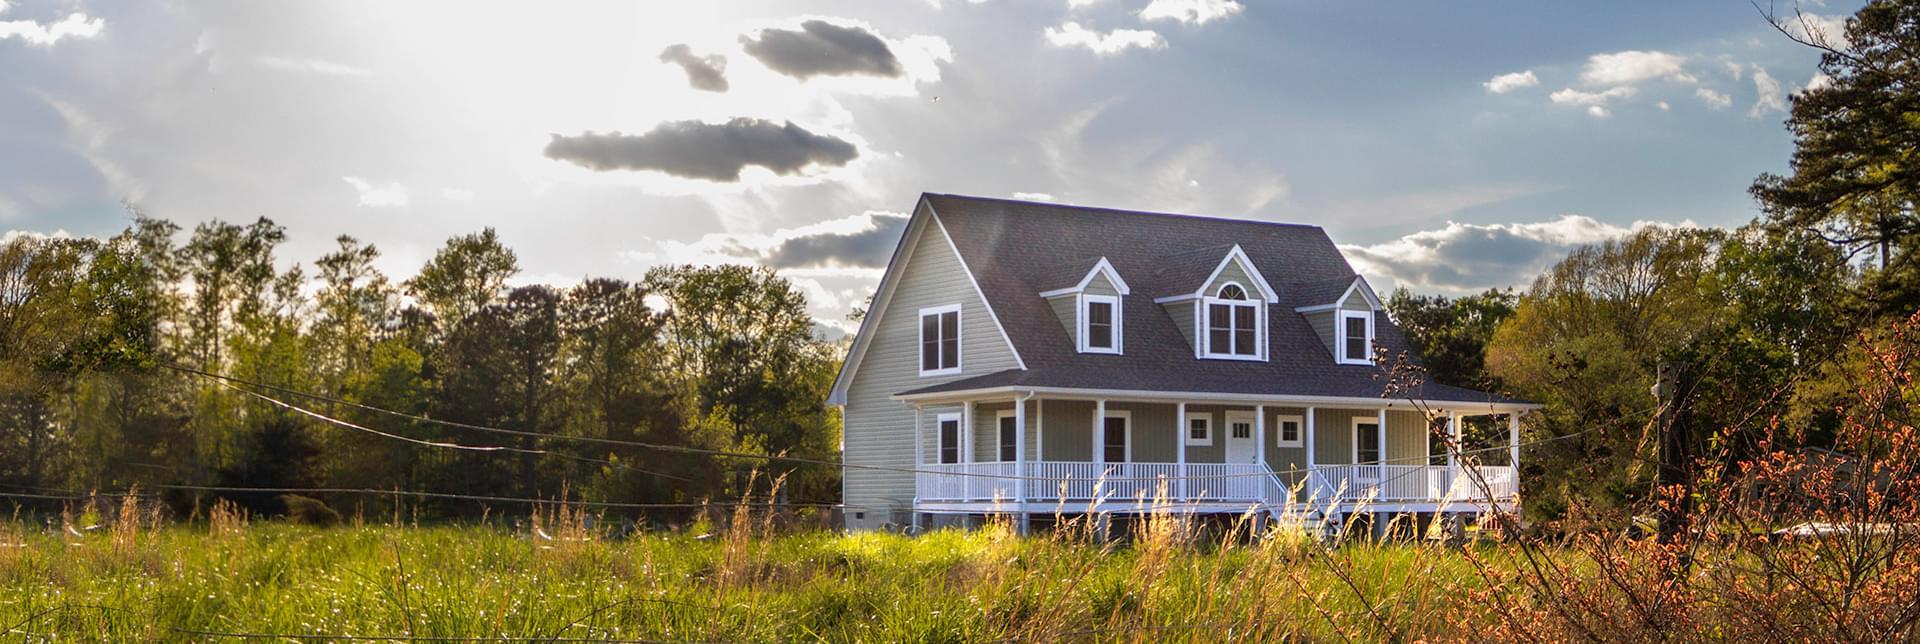 New Homes in Newport News VA